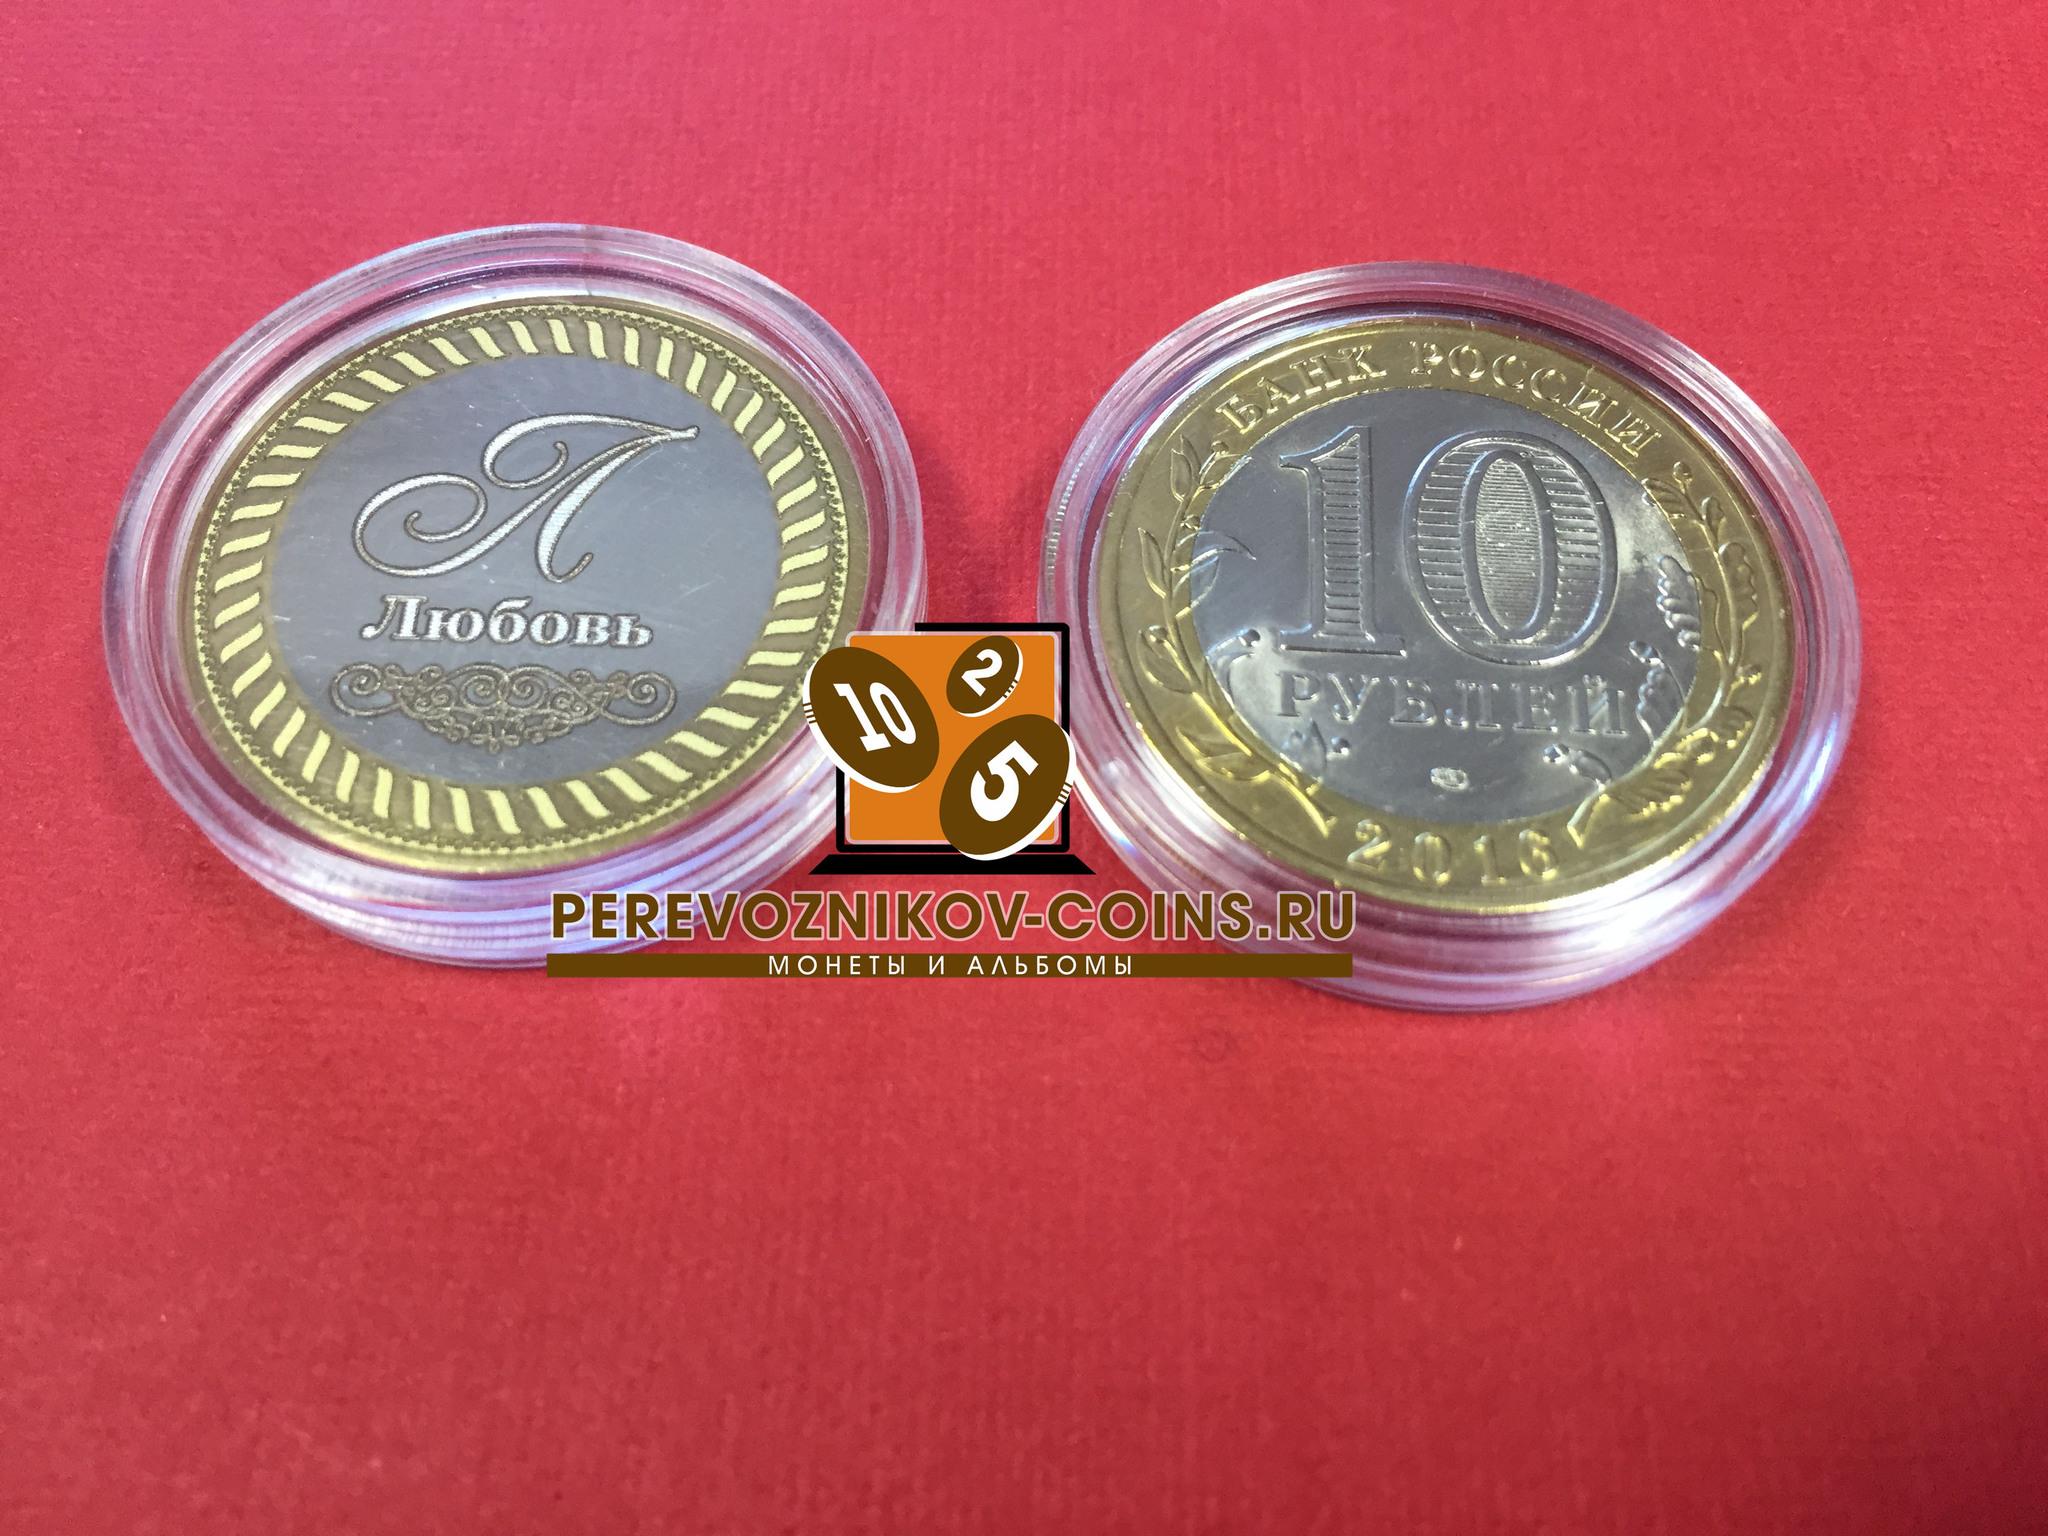 Любовь. Гравированная монета 10 рублей